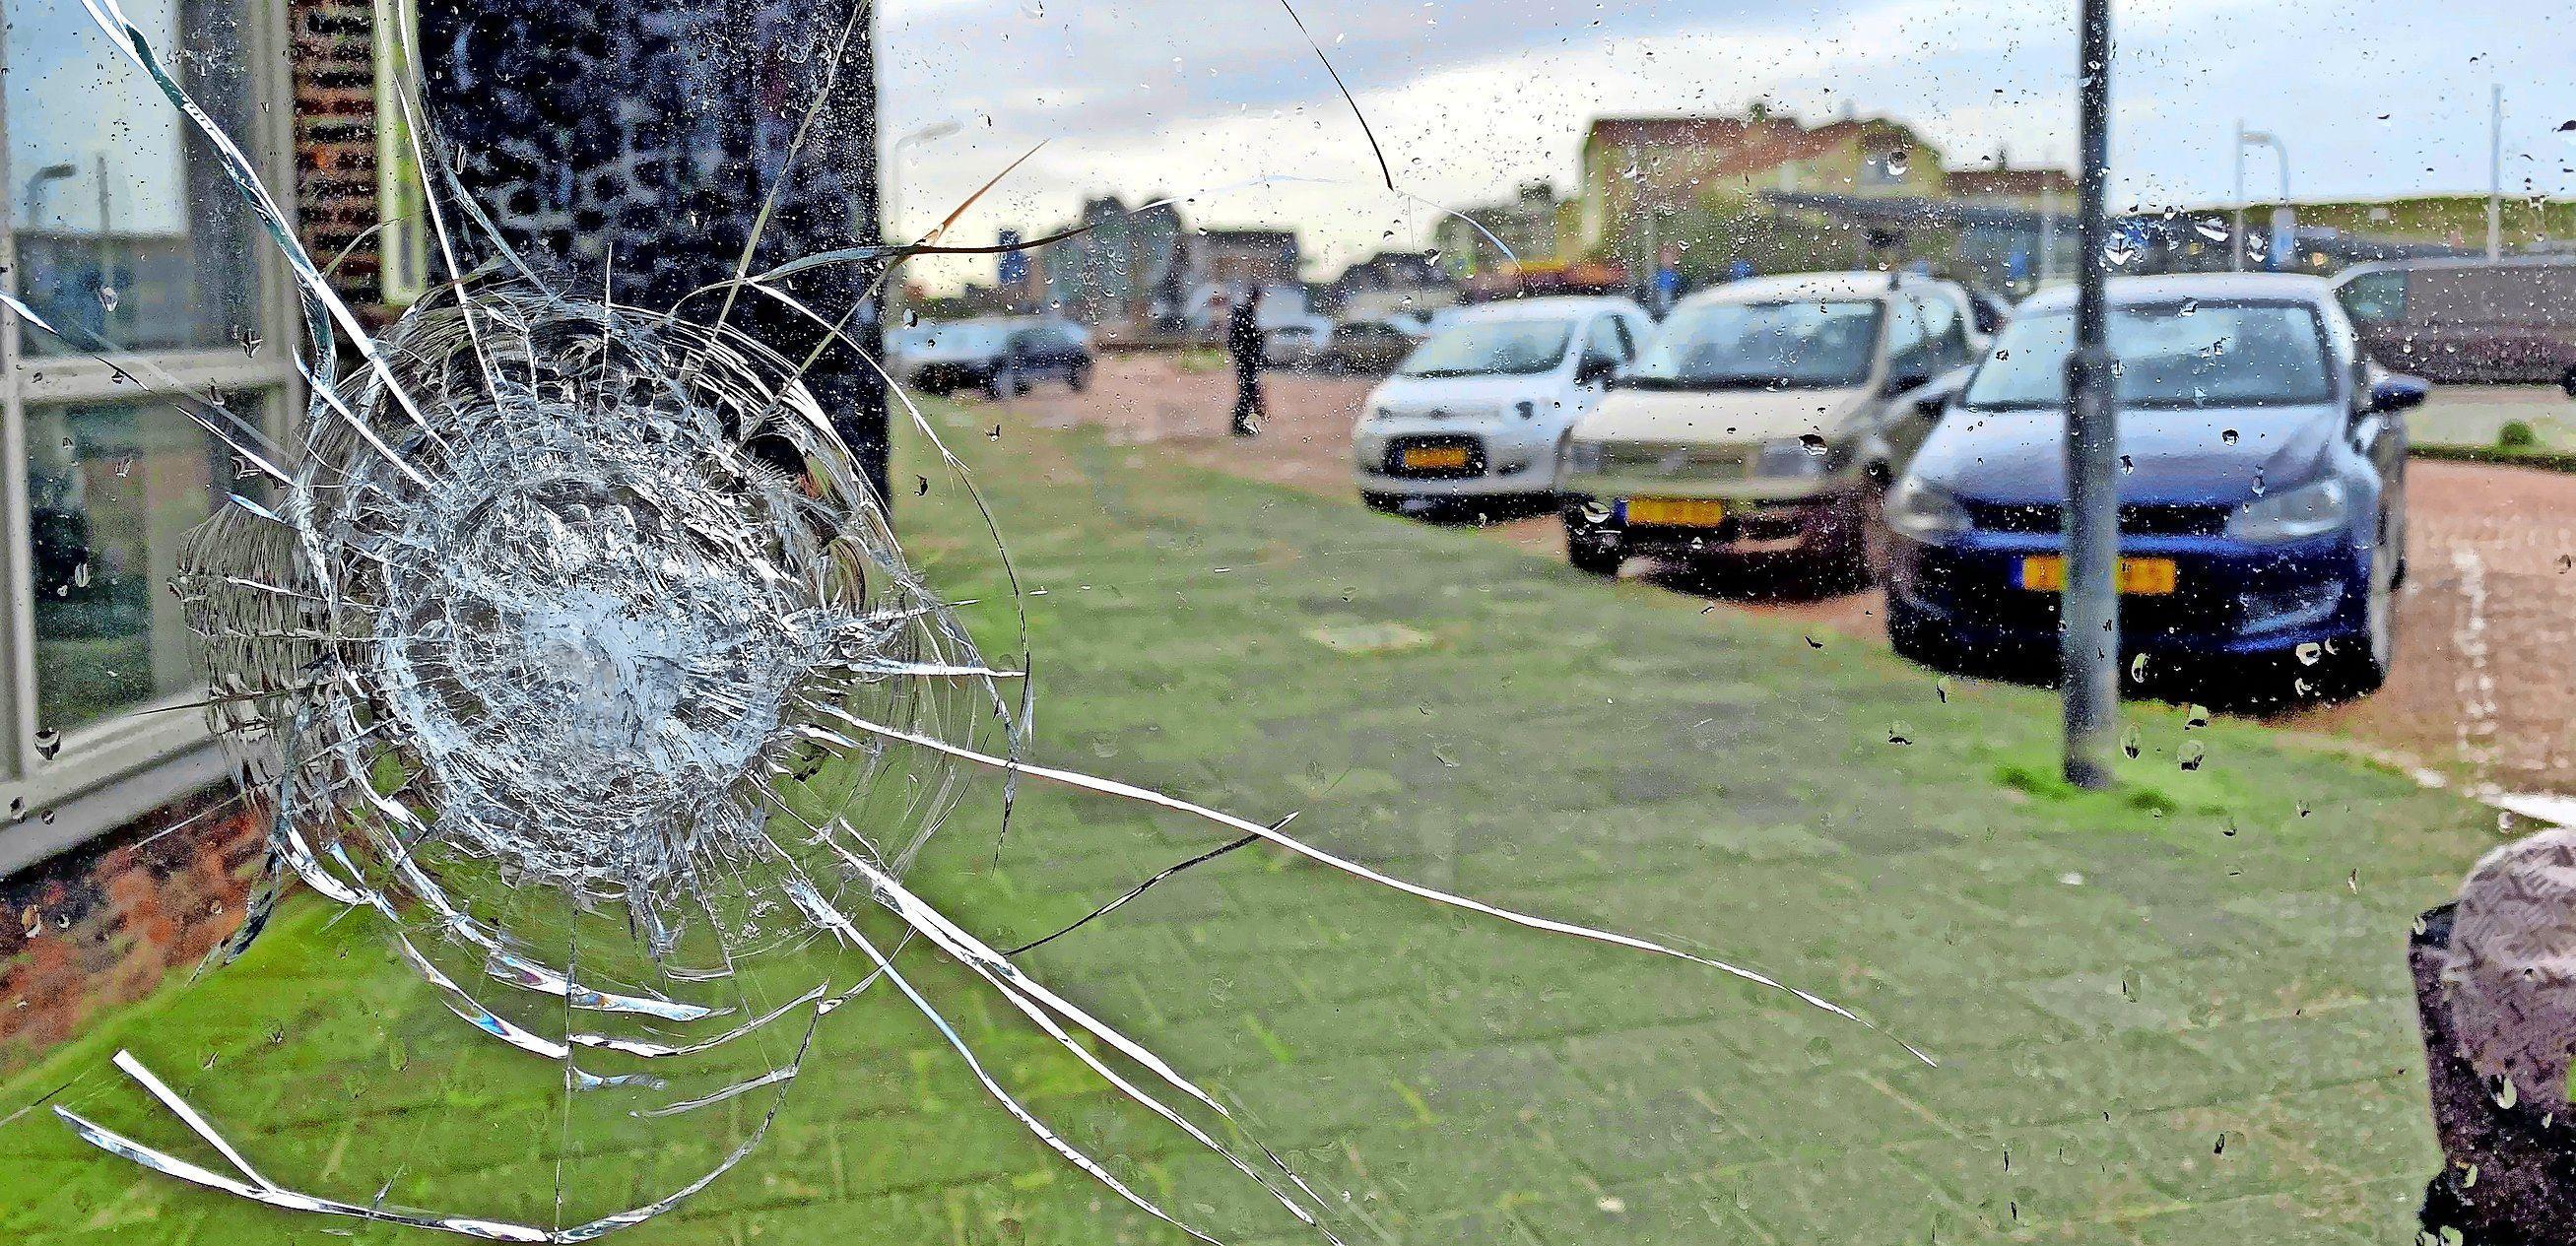 De zes Colombianen die betrokken zouden zijn bij de dodelijke schietpartij in Bergen aan Zee blijven vastzitten